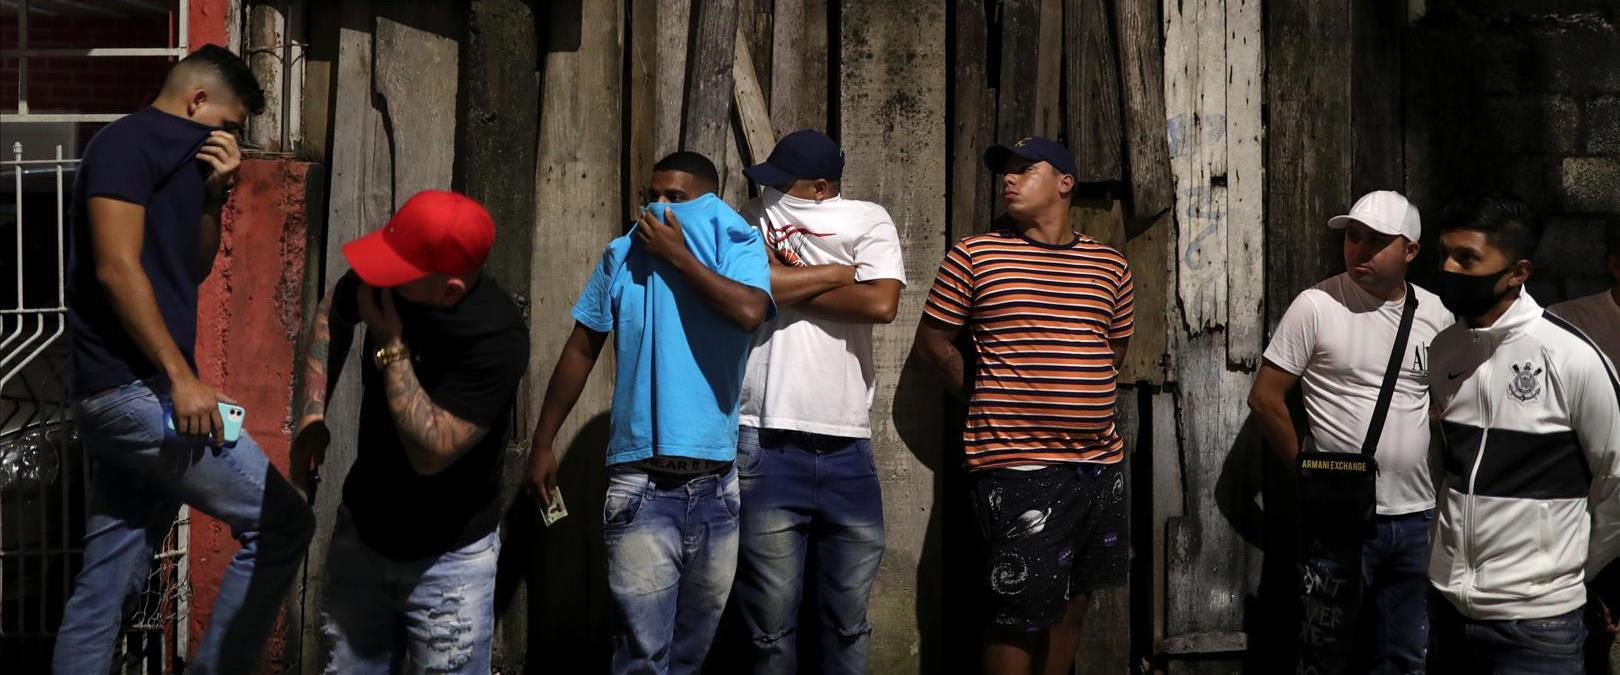 אזרחים מחוץ למועדון לילה בסן פאולו, ברזיל, אחרי שה